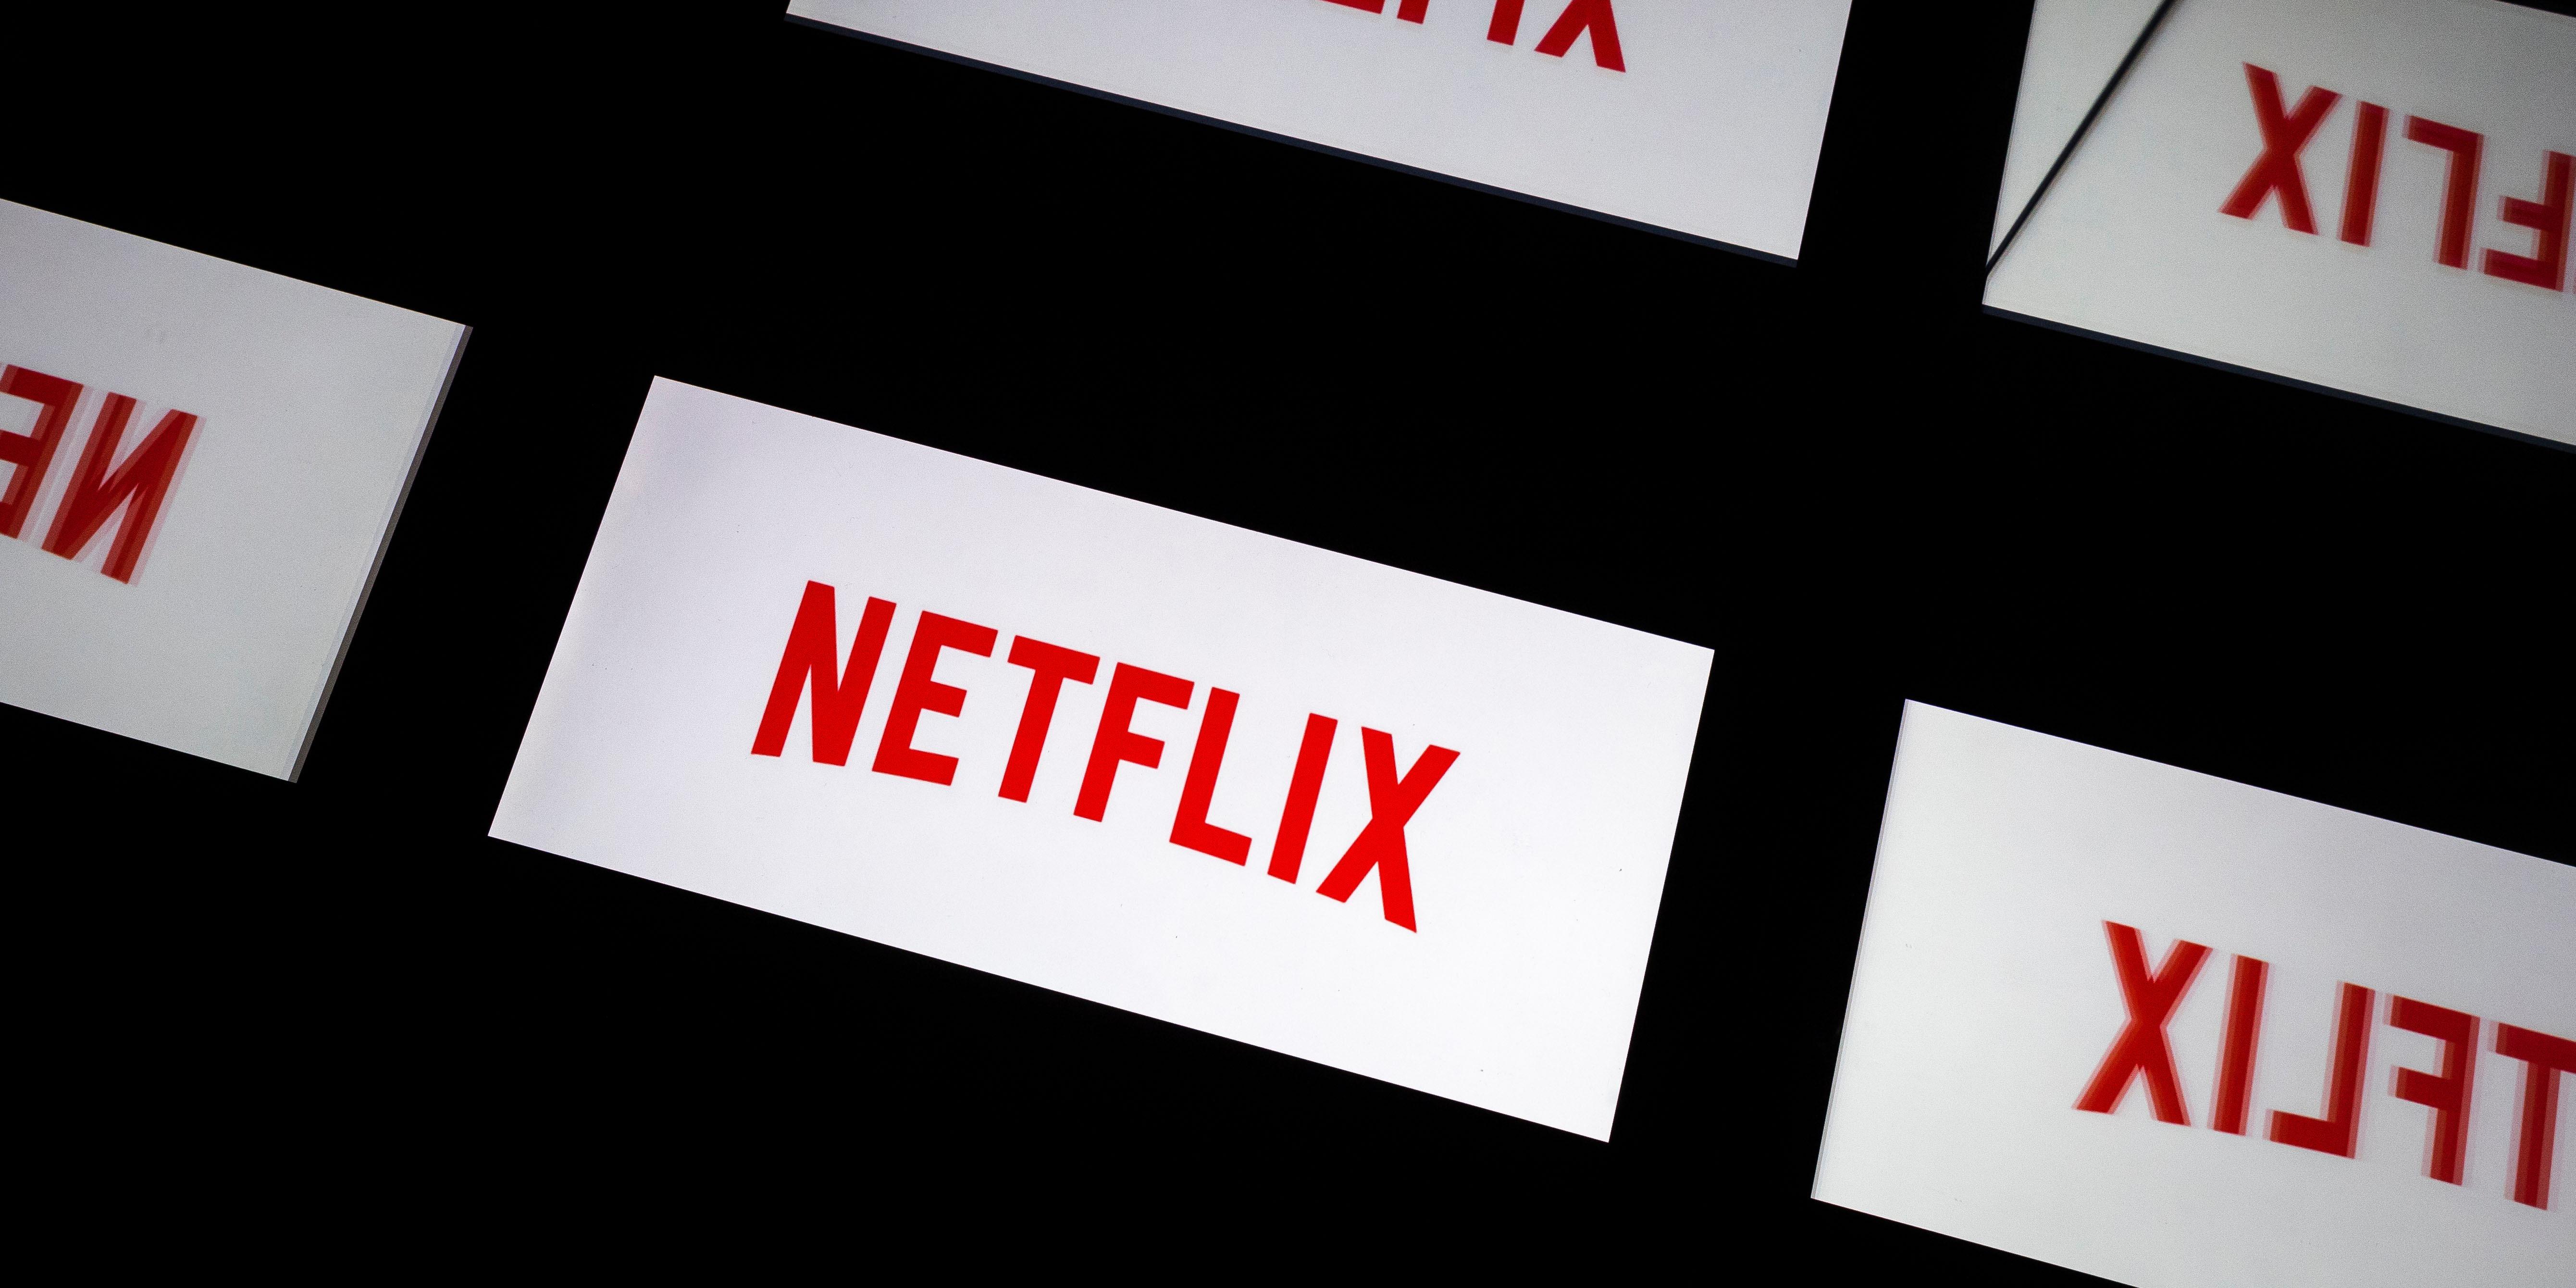 Netflix : découvrez toutes les nouveautés sur les séries françaises